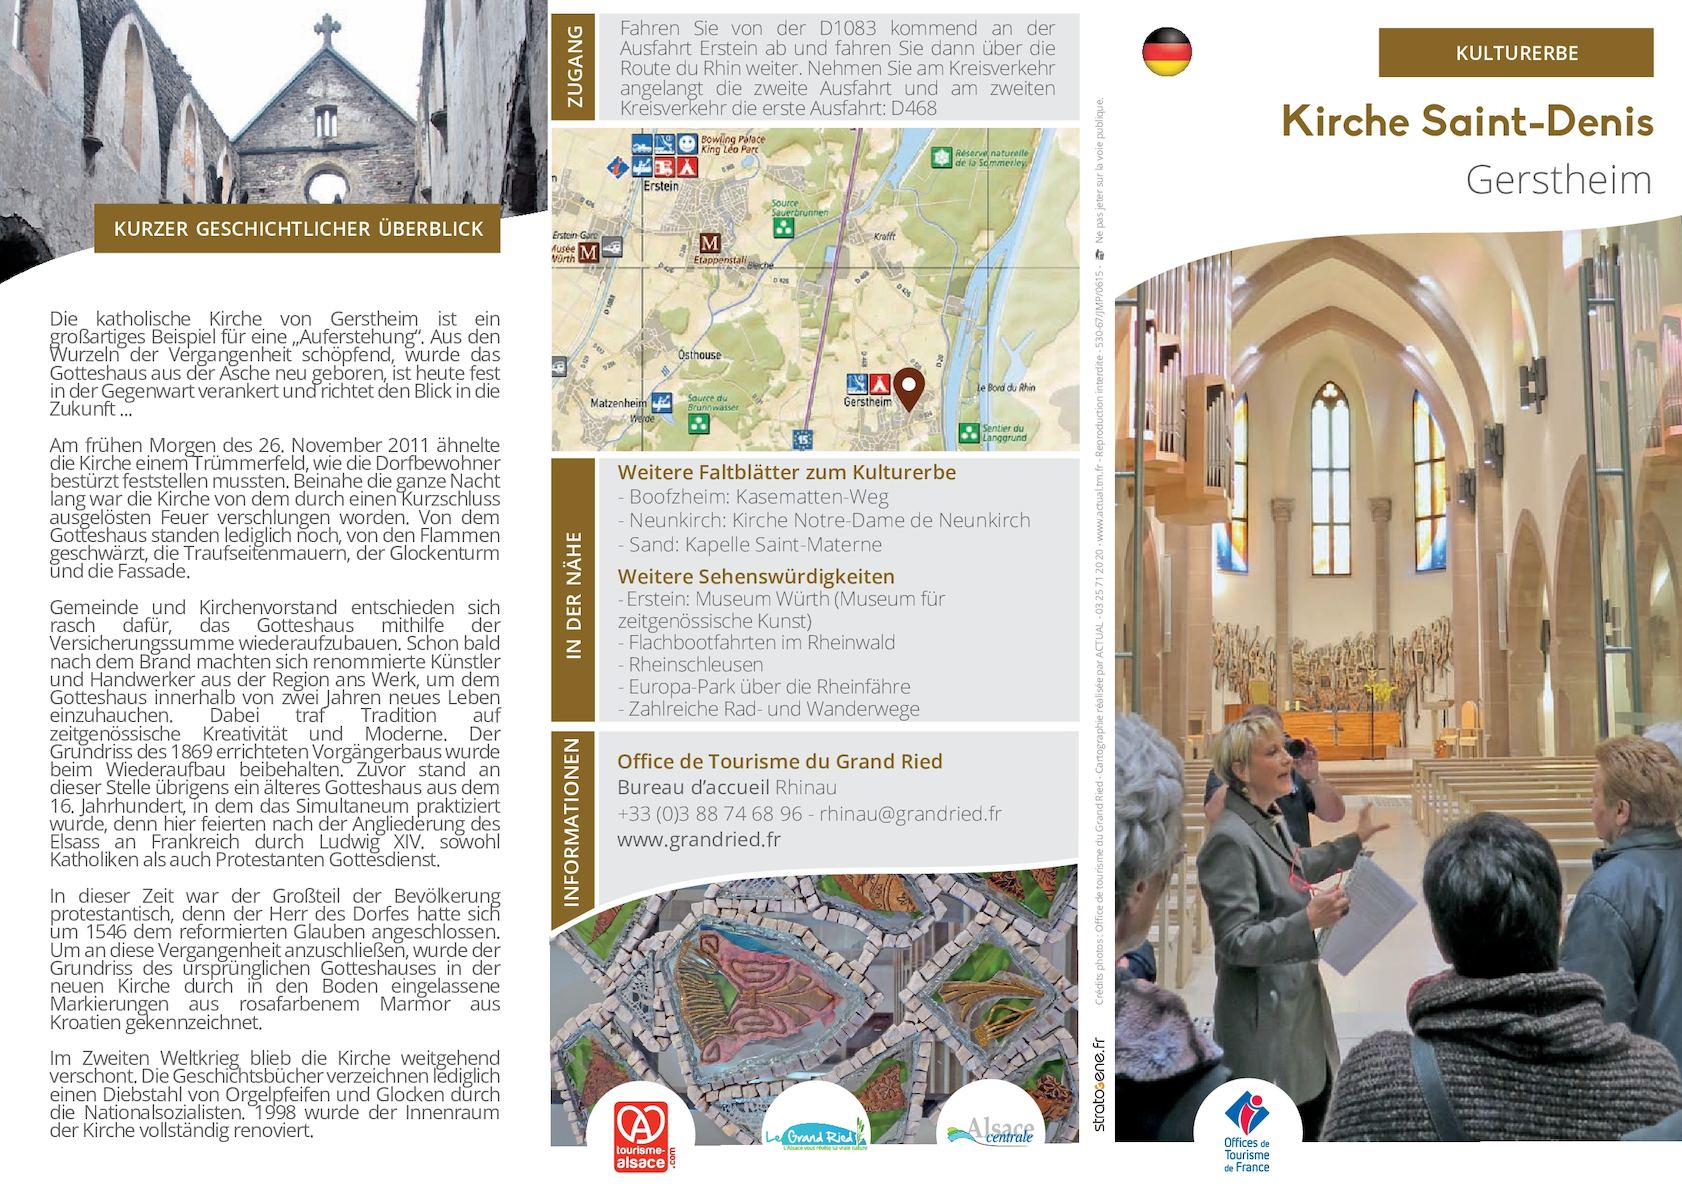 Bureau Moderne Gers : Calaméo deutsch kirche saint denis gerstheim